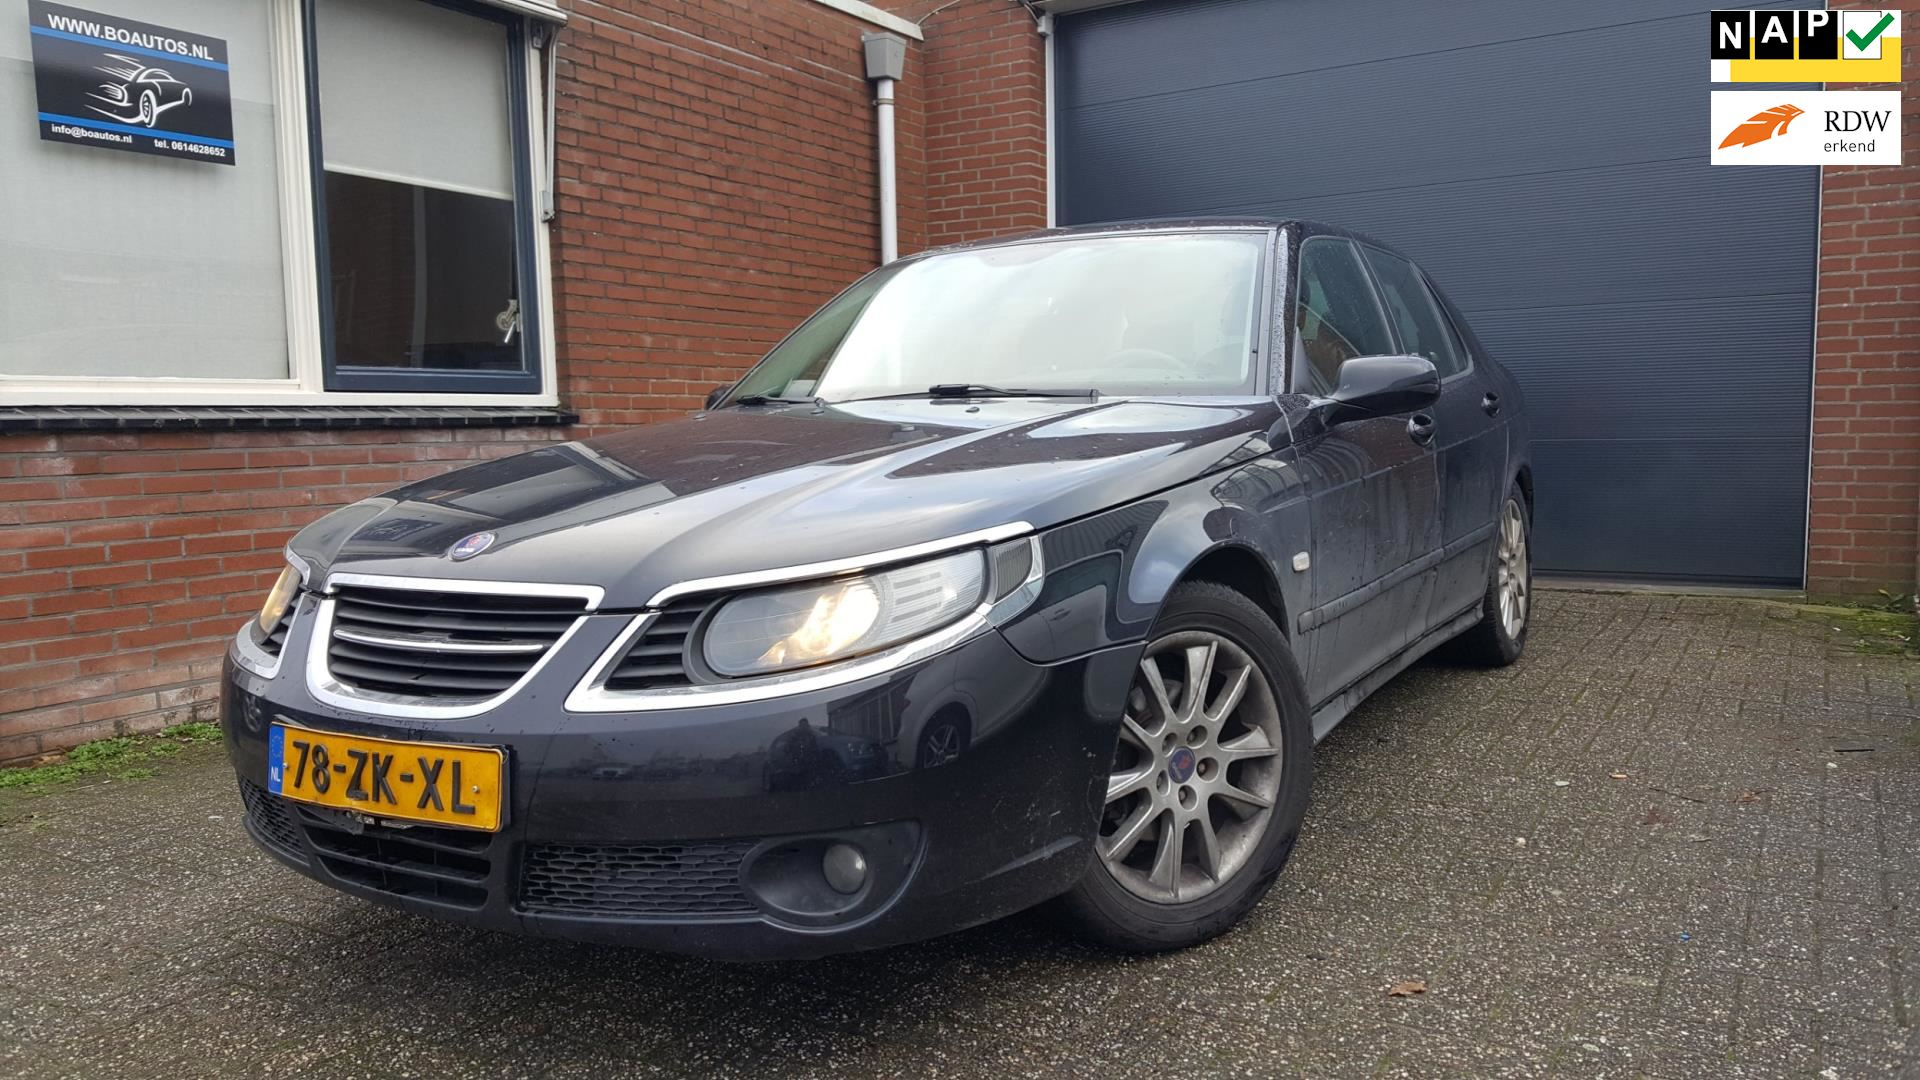 Saab 9-5 occasion - B.O. Auto's